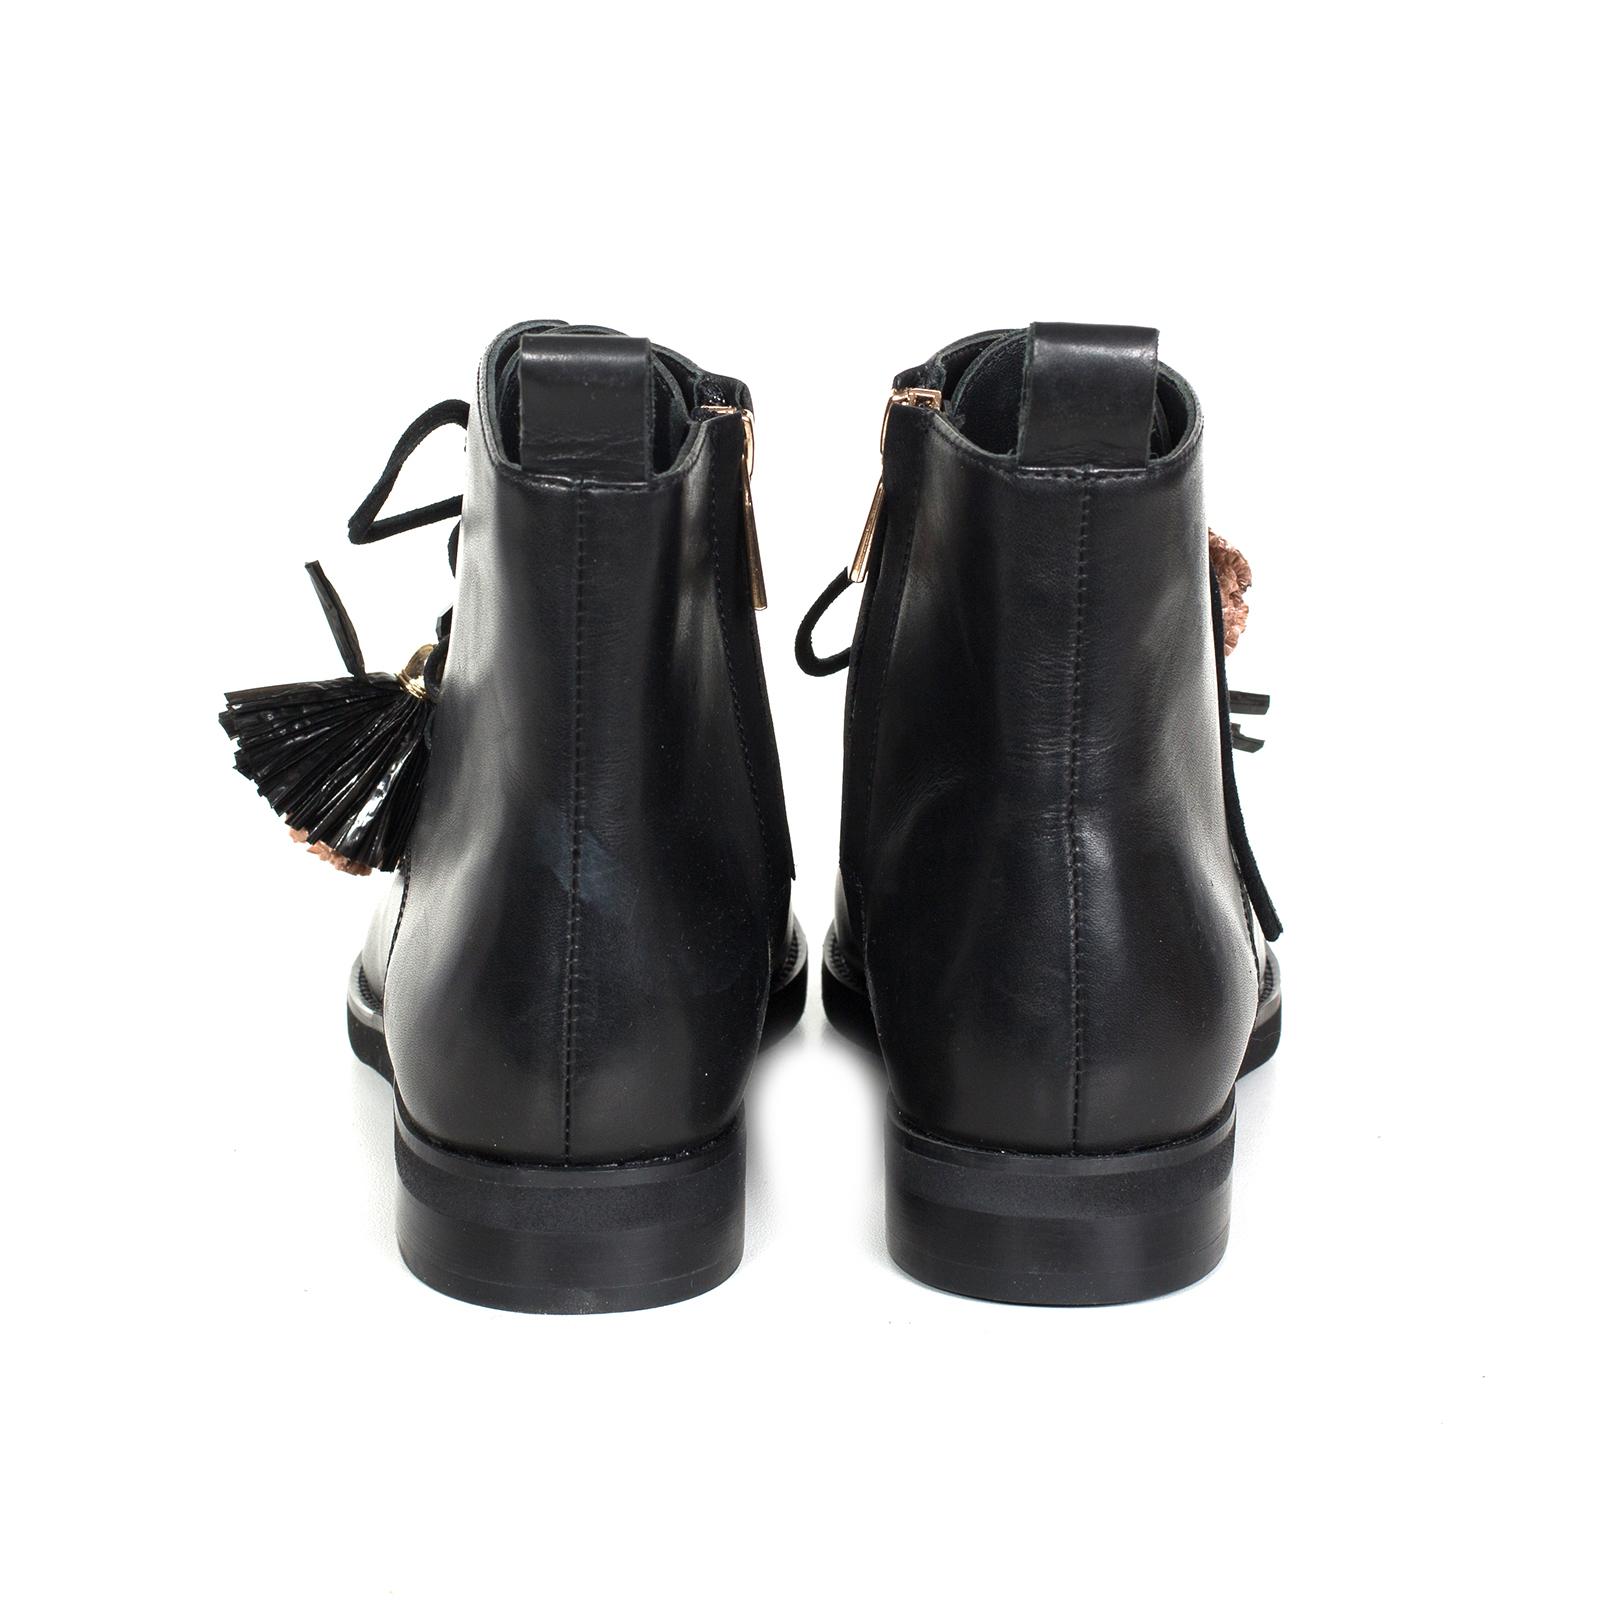 Ботинки, Ballerina, Djorjia (черный)